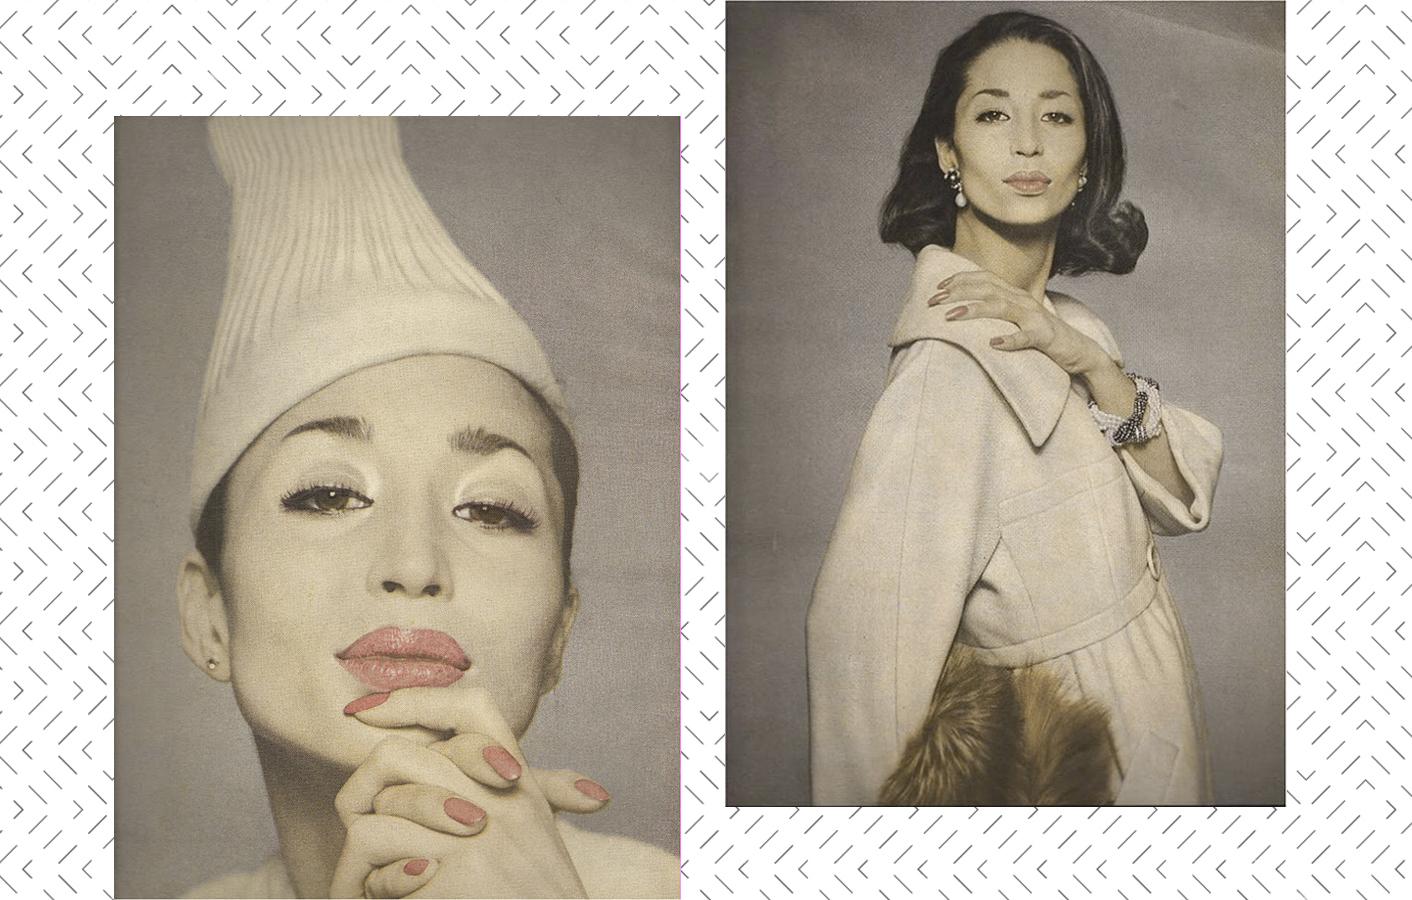 biểu tượng nhan sắc phụ nữ và son môi china